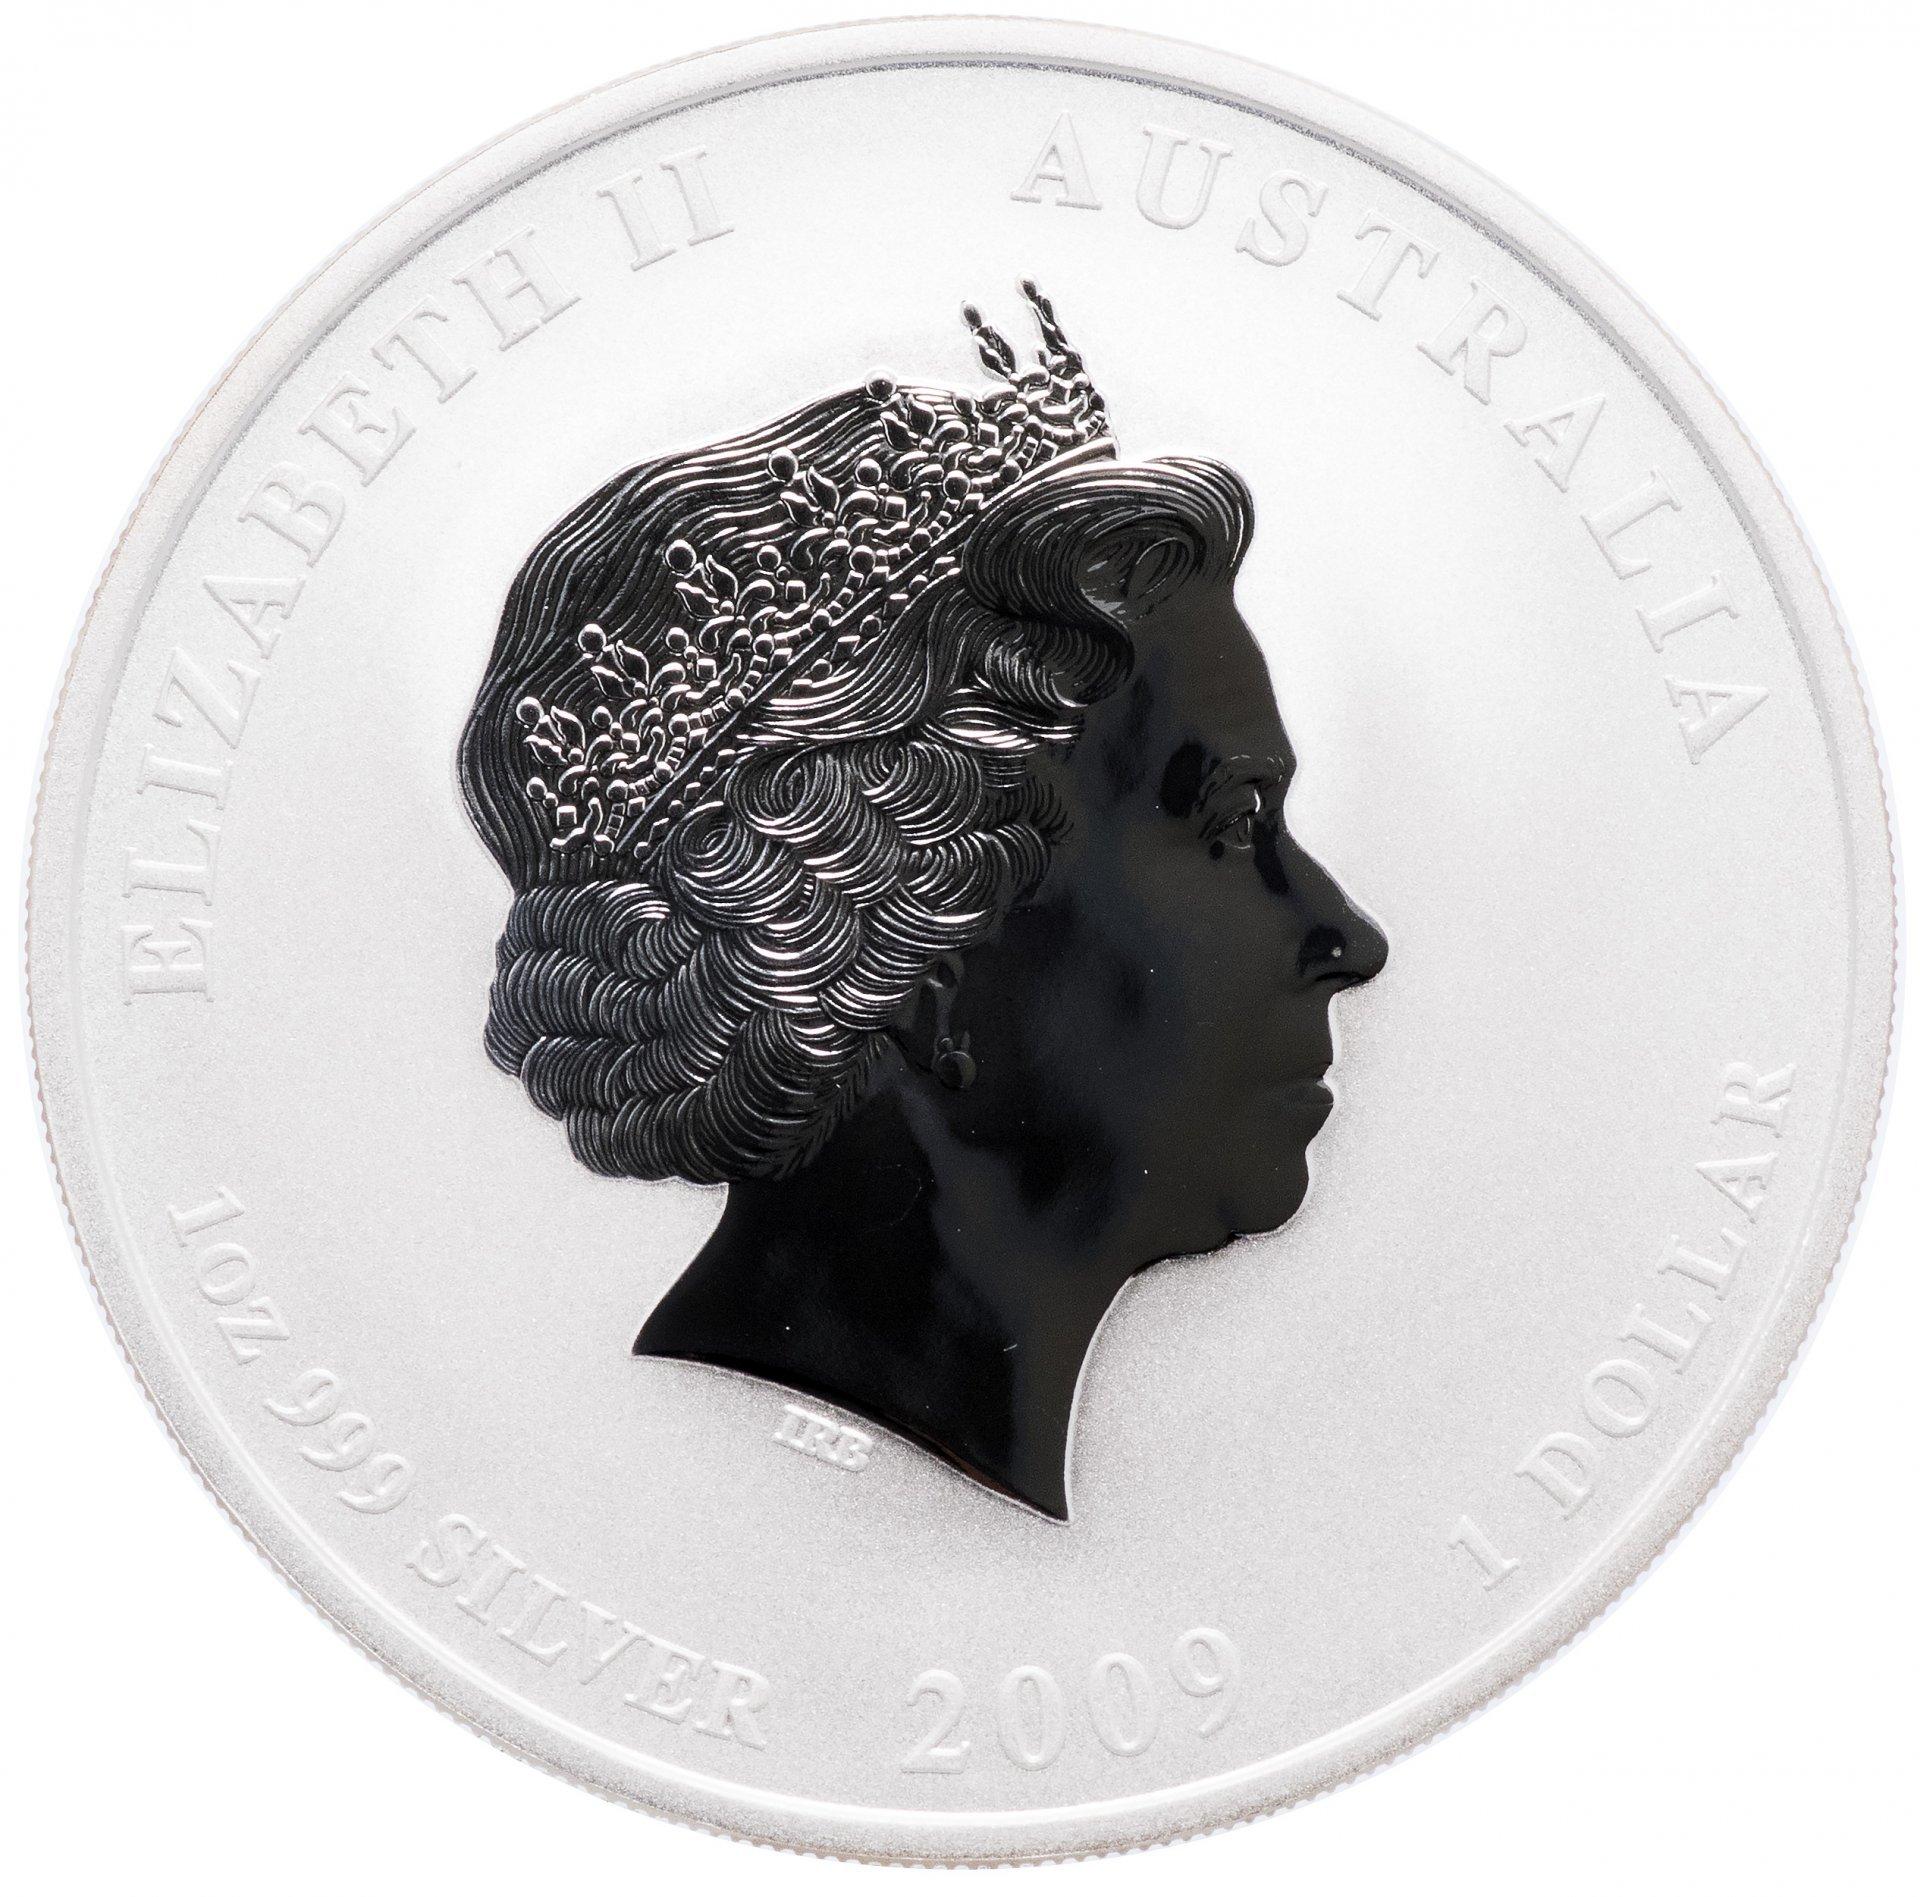 1 доллар. Год Быка. Австралия. 2009 год